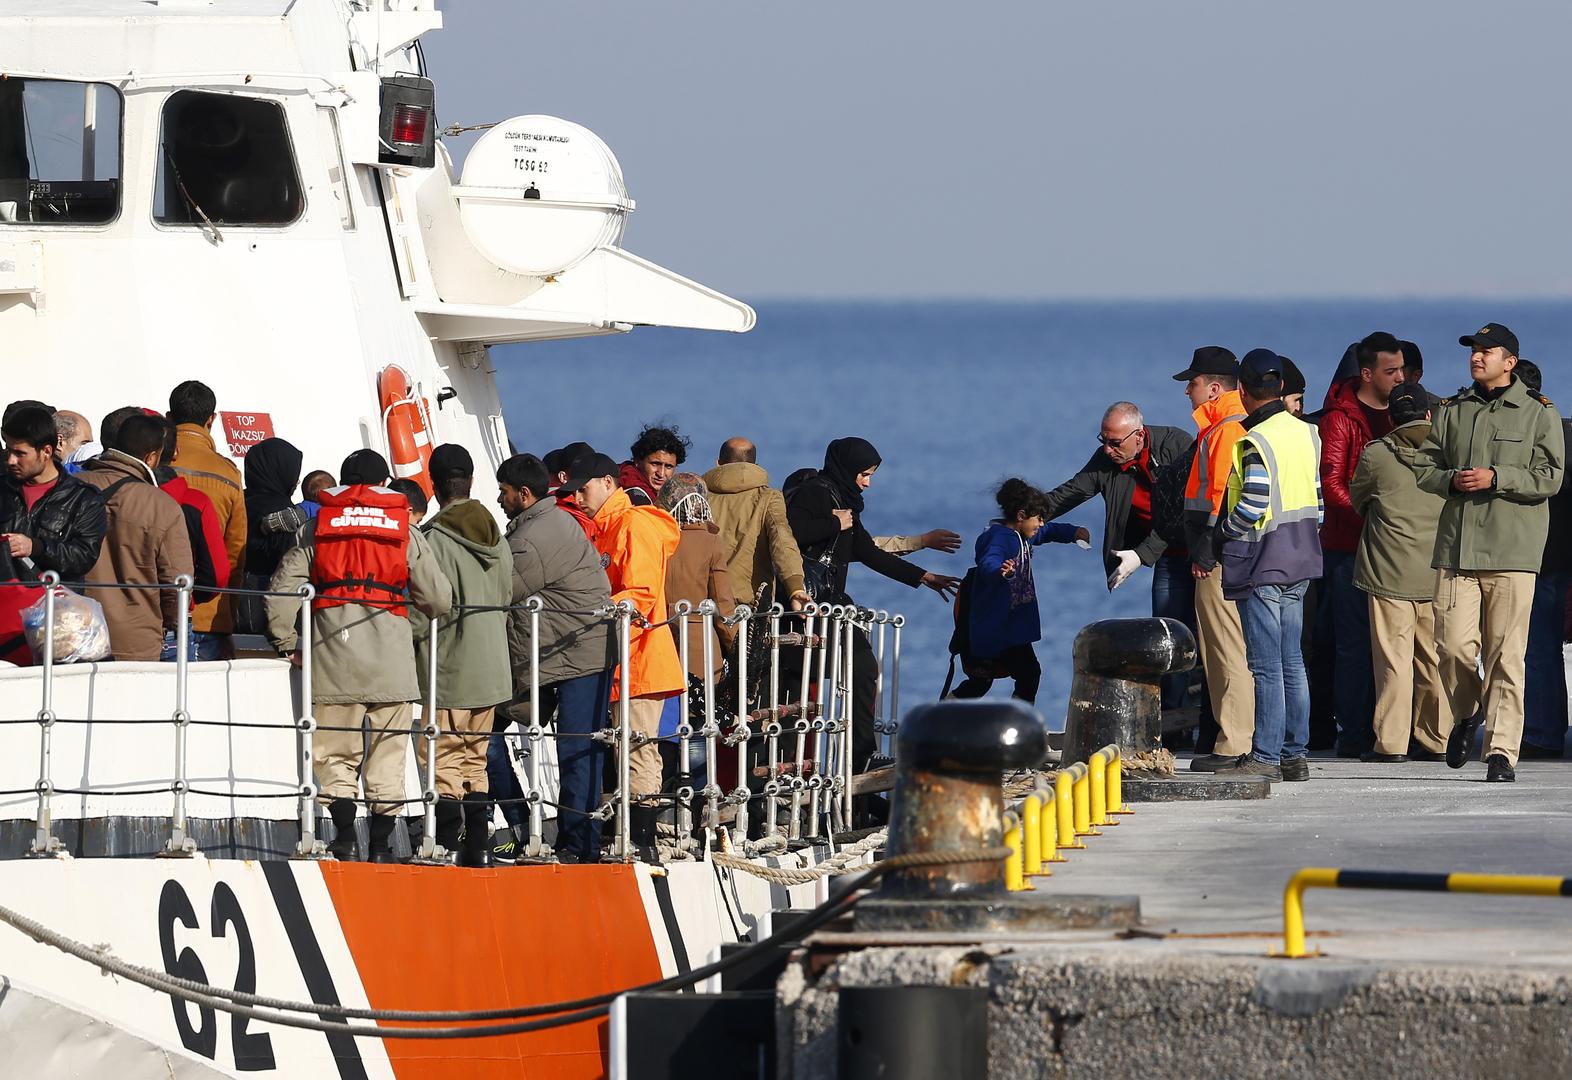 خفر السواحل التركي ينقذ 78 لاجئا بعد منعهم من دخول اليونان